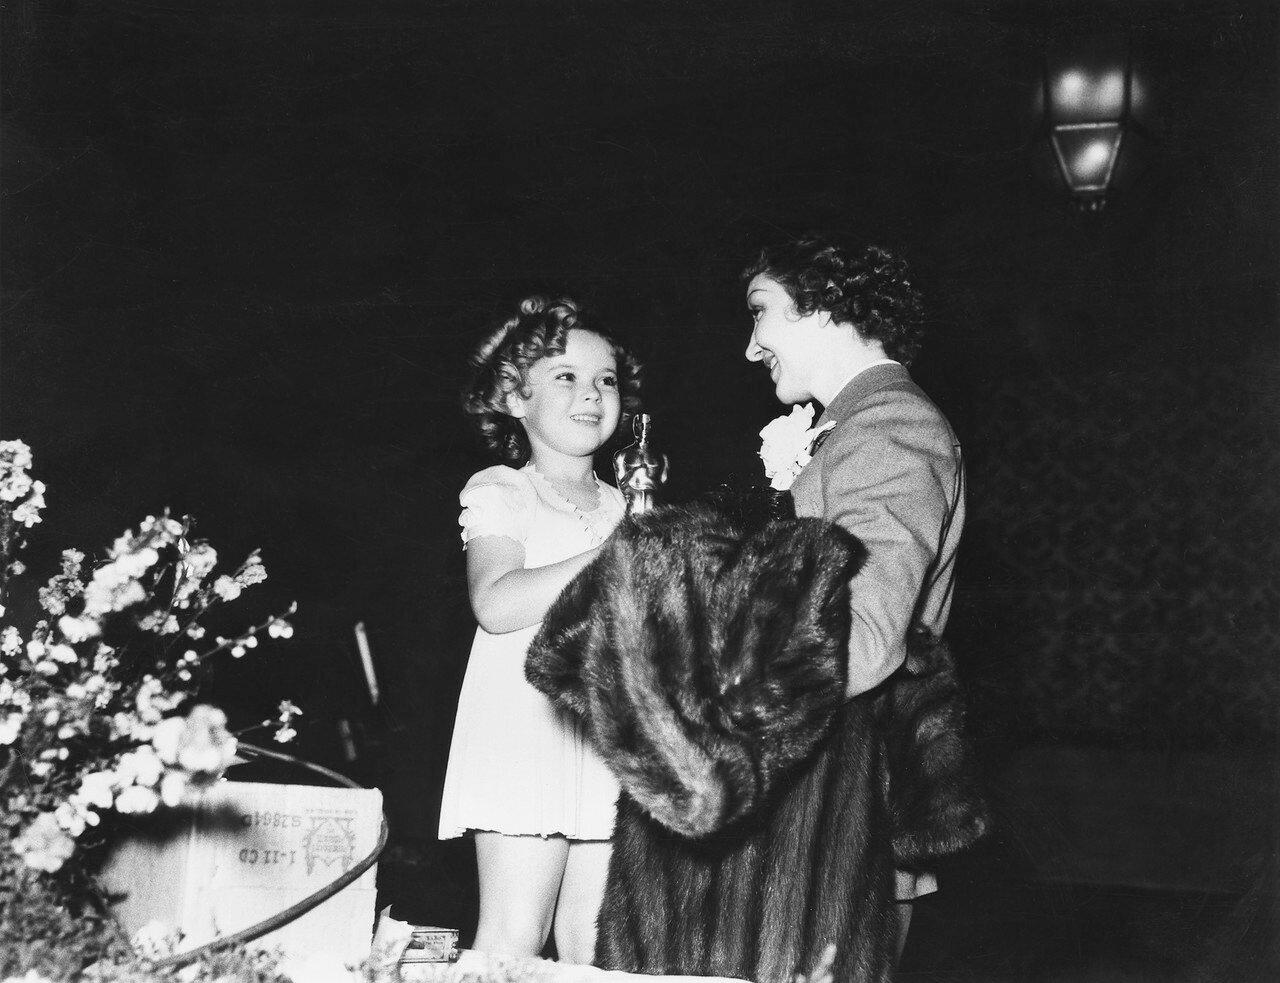 1935. Клодетт Колбер — «Это случилось однажды ночью» (лучшая женская роль в It Happened One Night) с Ширли Темпл